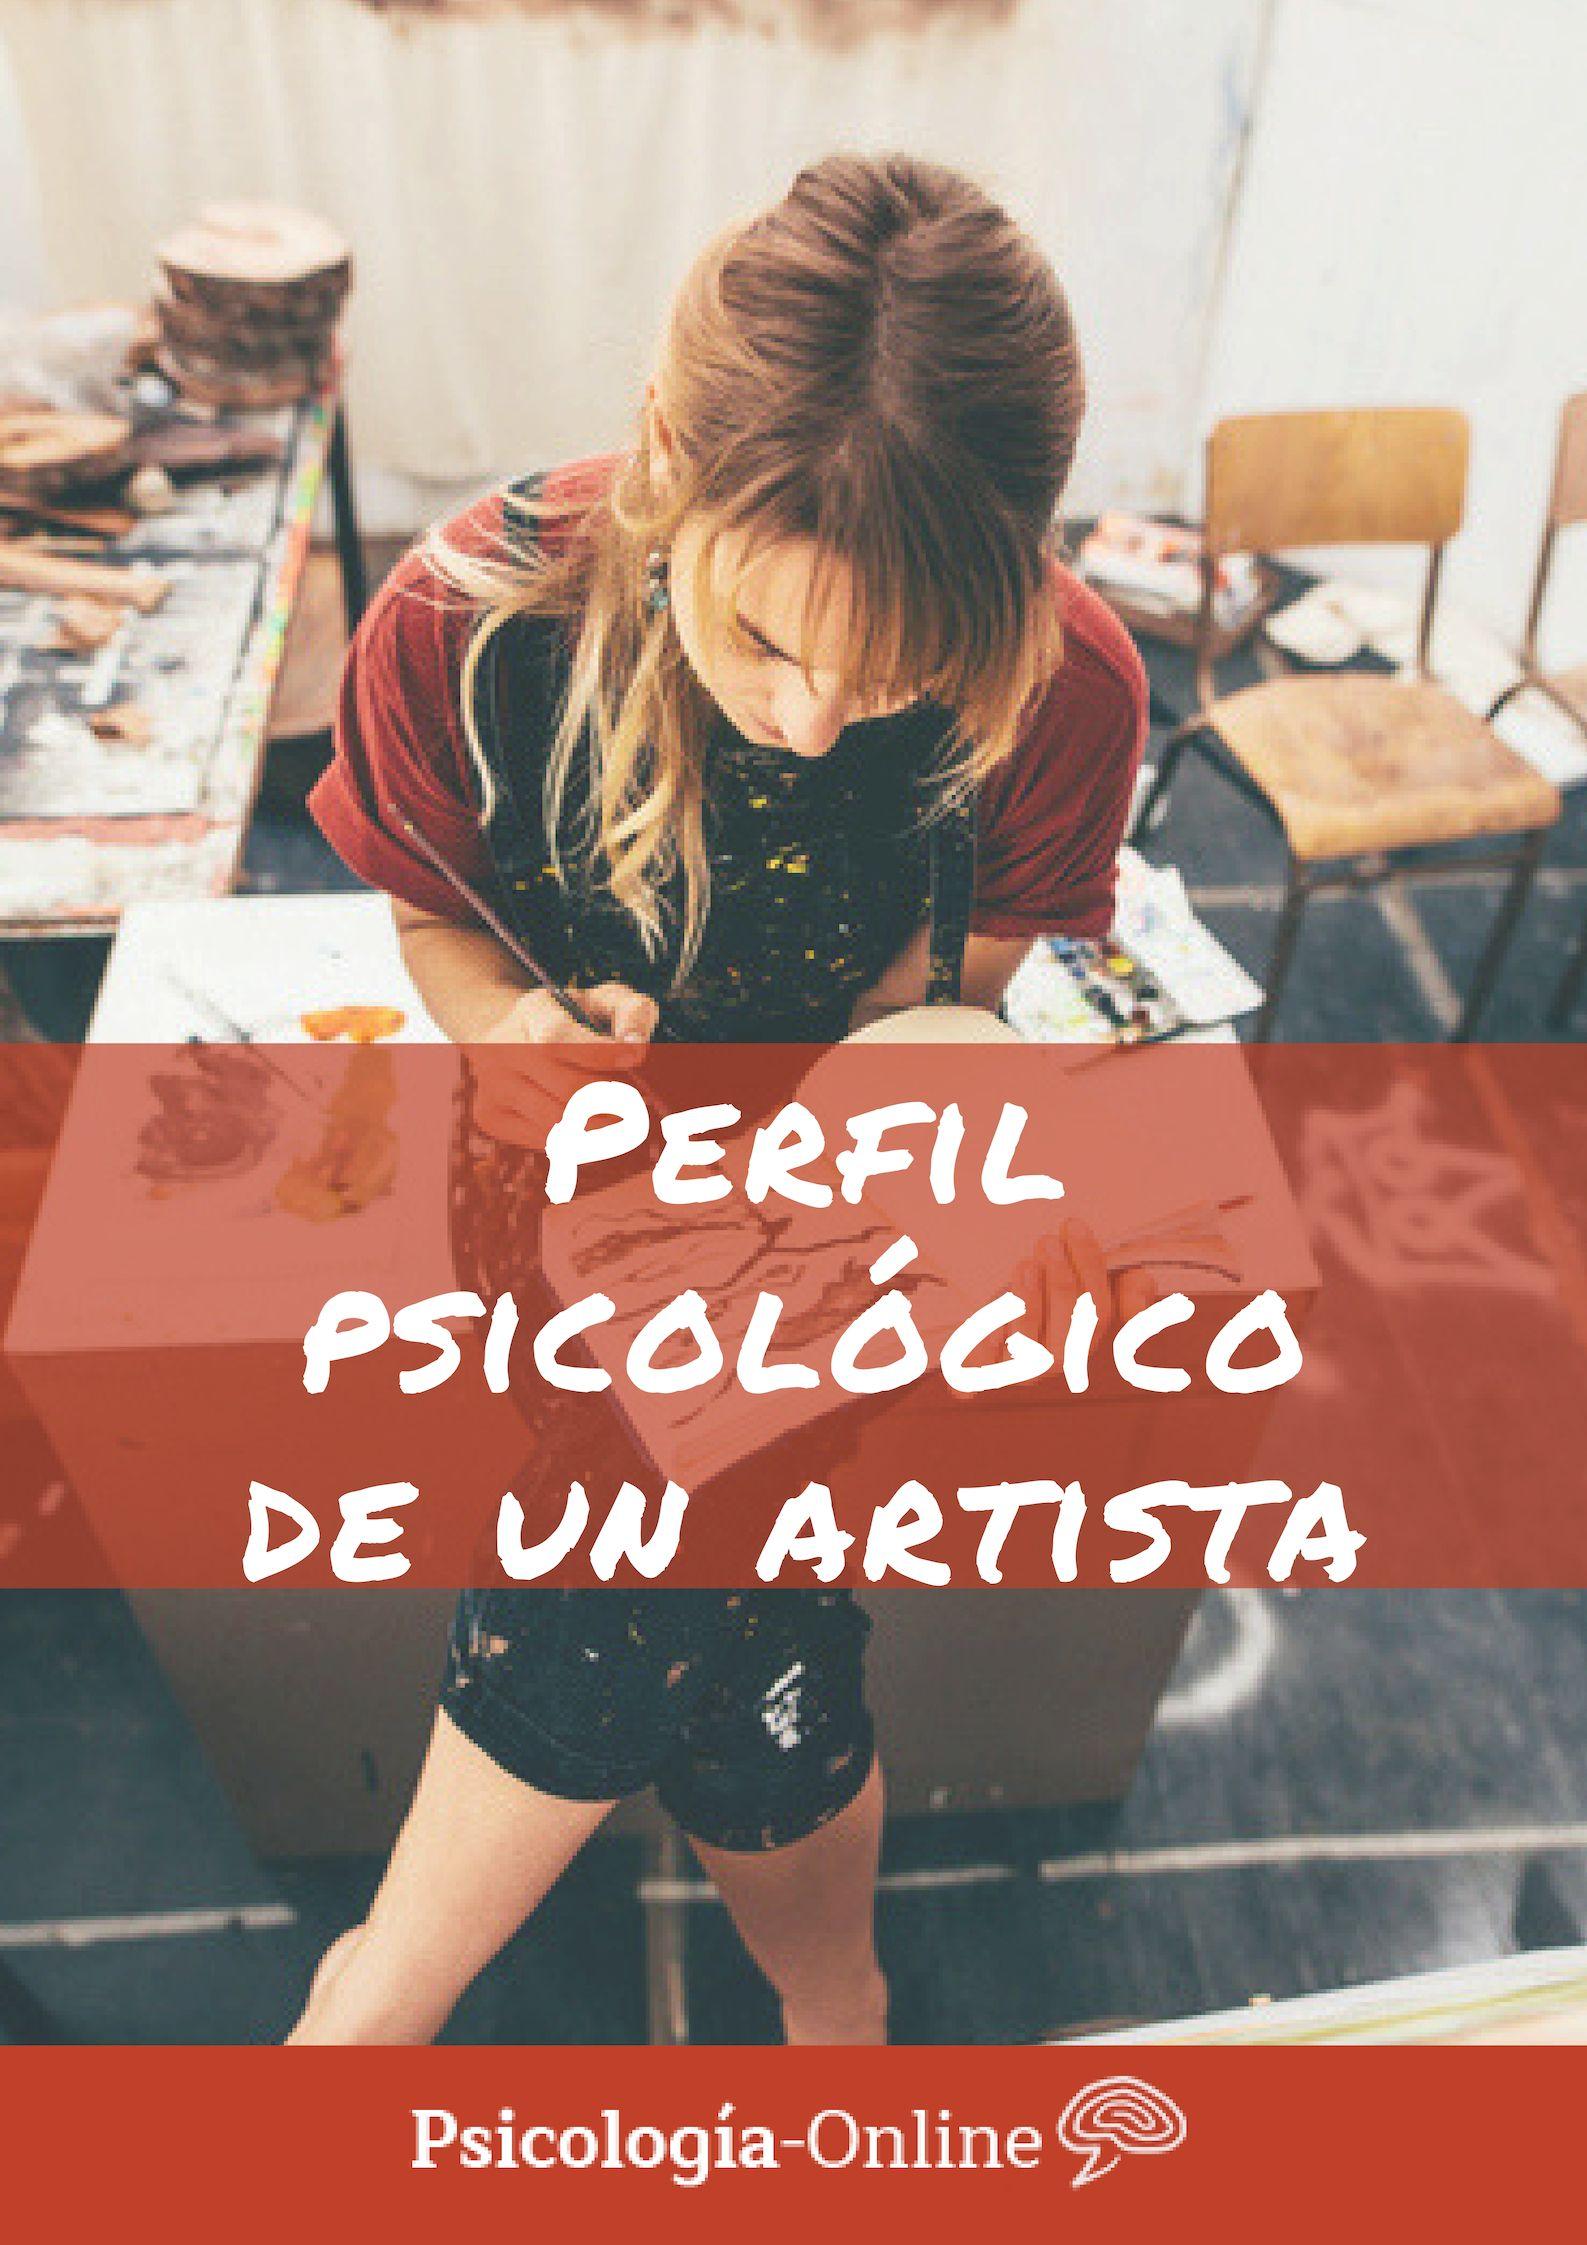 Perfil Psicologico De Un Artista Rasgos De Personalidad Tipos De Personalidad Psicologa Rasgos De Personalidad